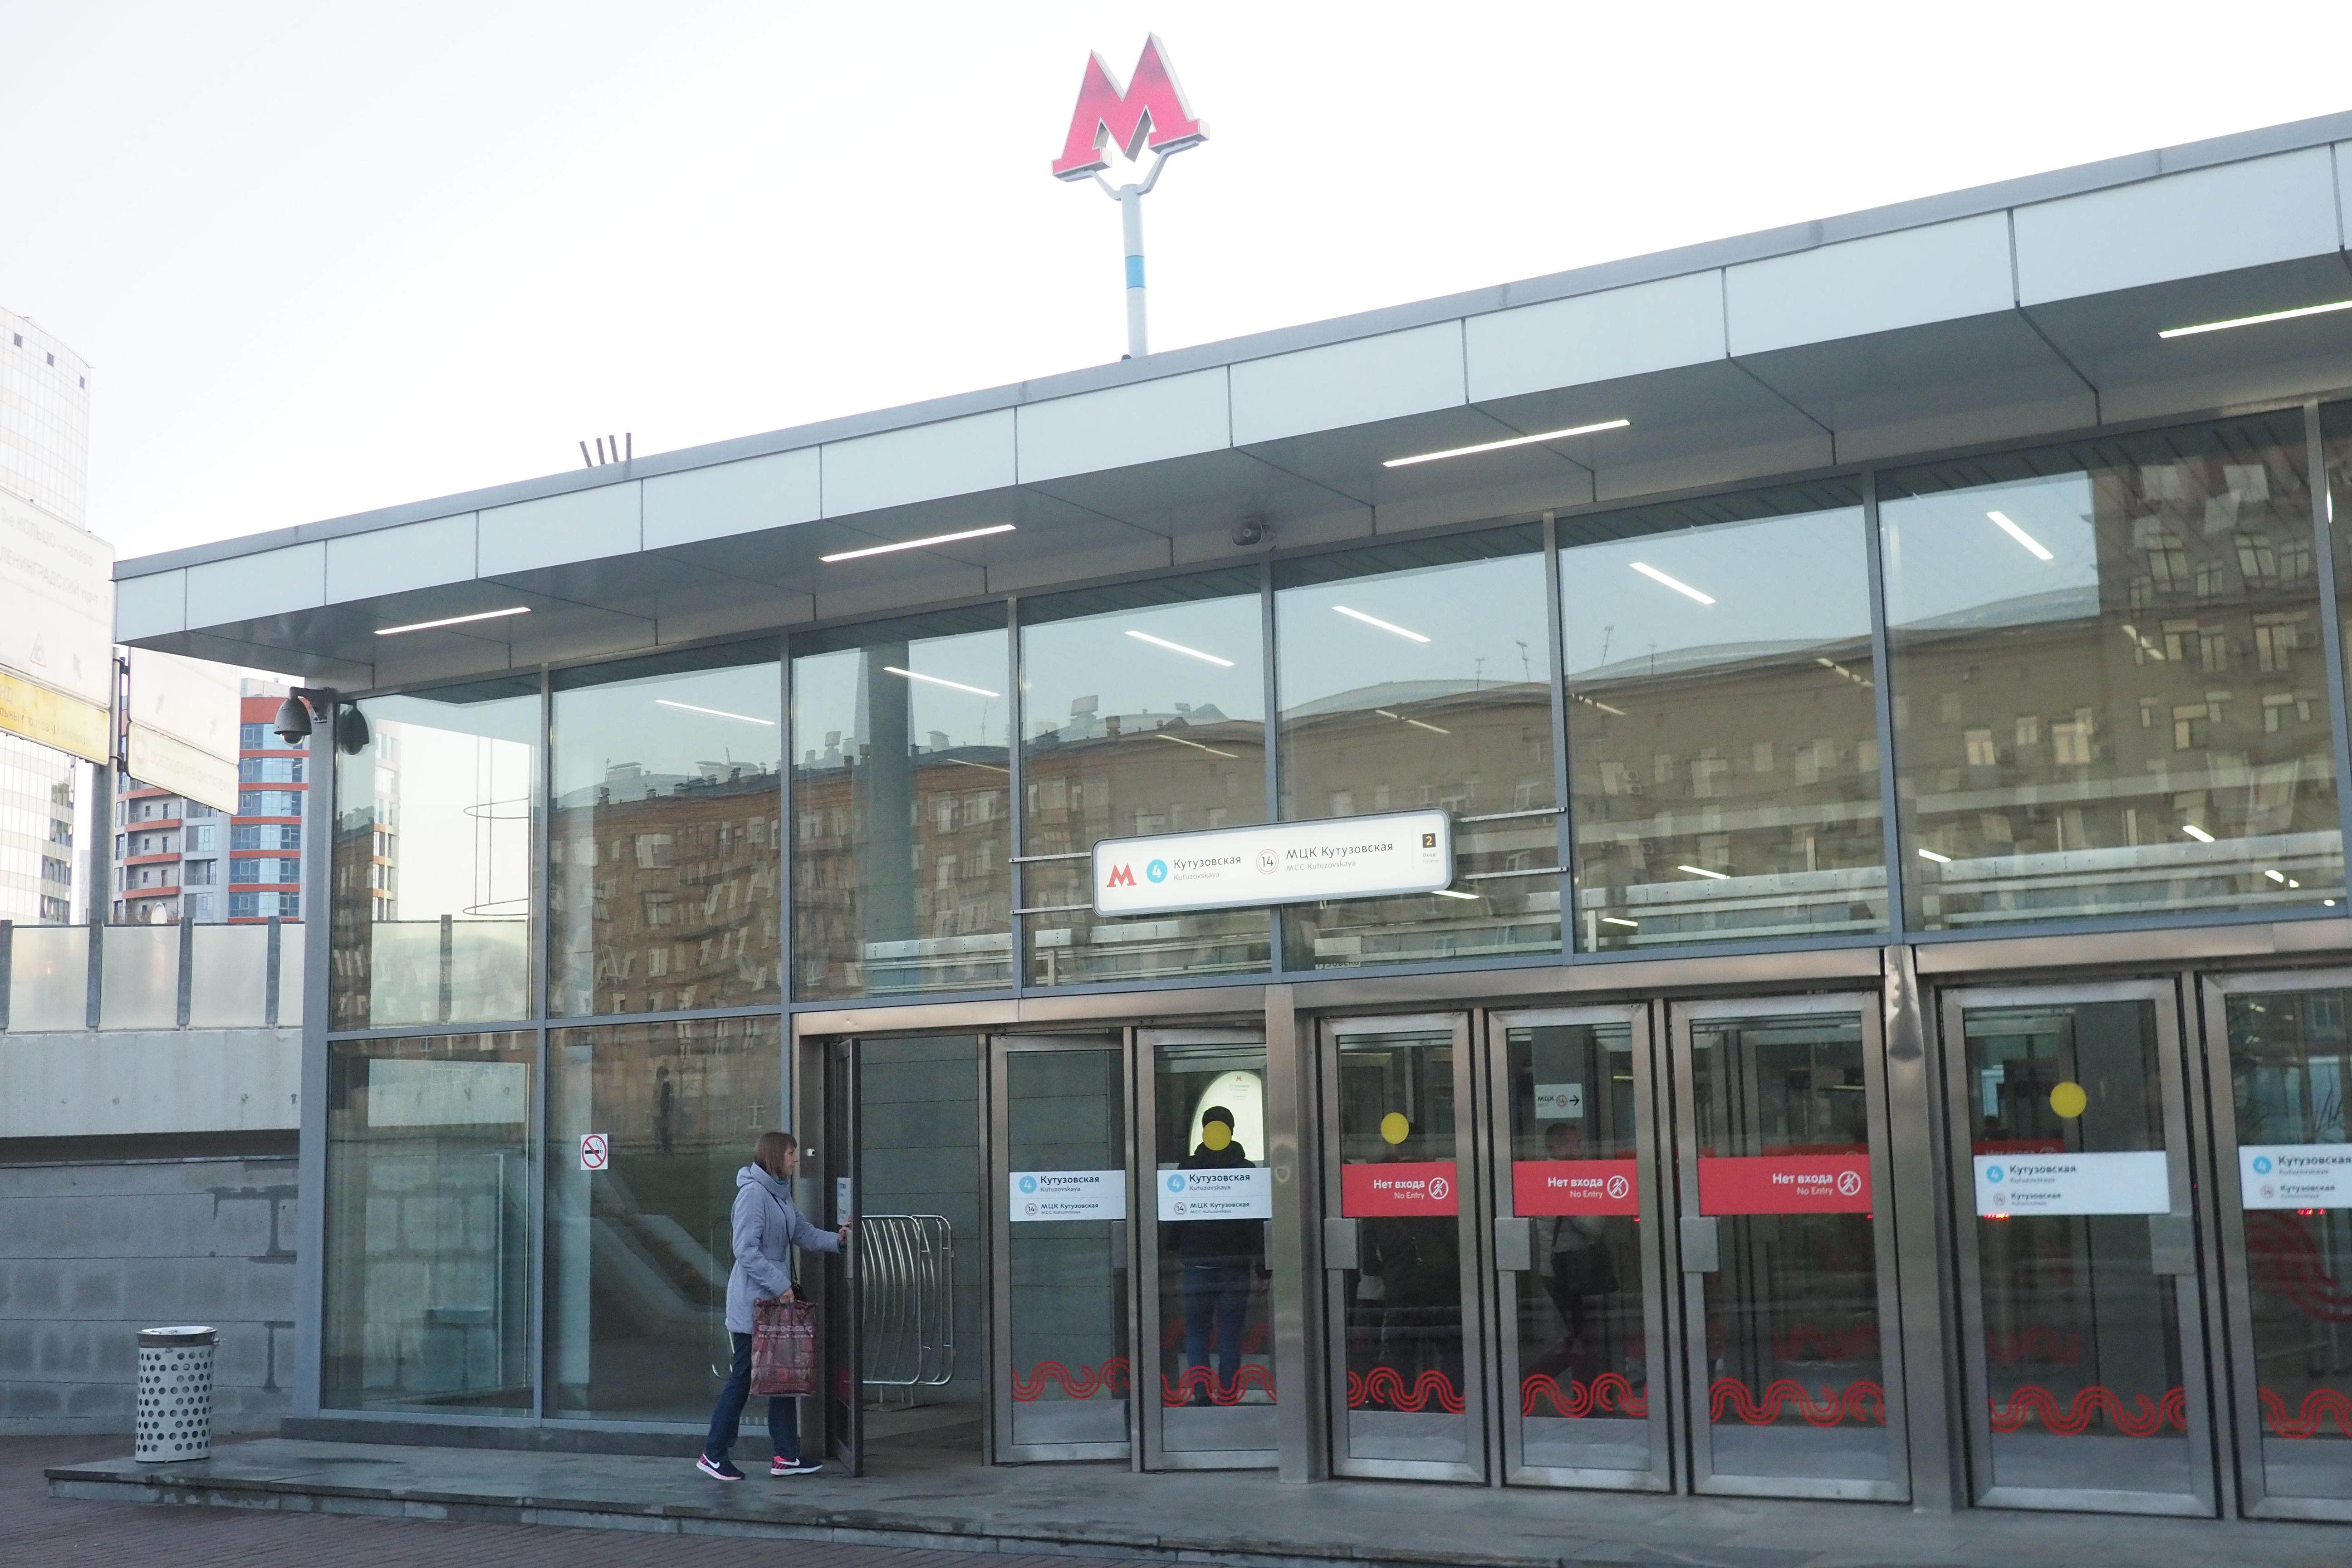 Билеты «Единый» появились в метро Москвы ко Дню учителя